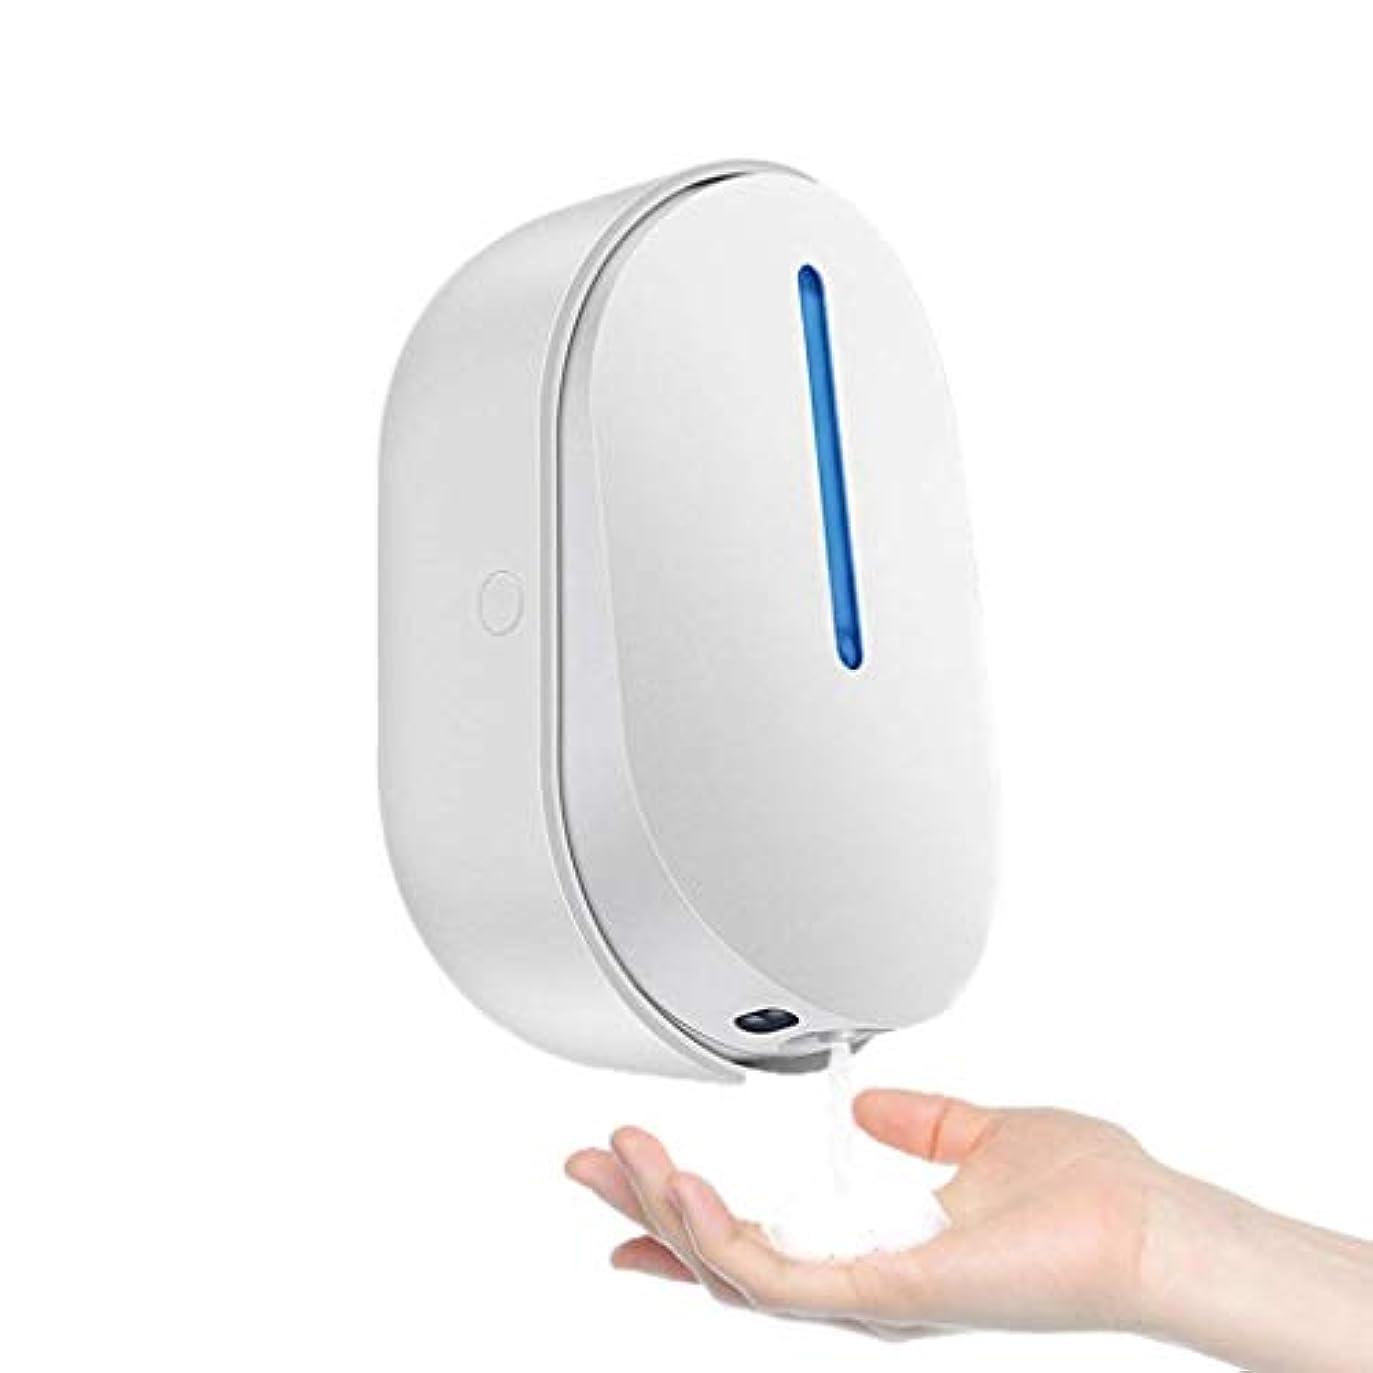 郵便物データベース市民壁掛け赤外線センサーエマルジョンディスペンサーキッチンバスルームブラケットハンドソープ充電式バッテリー泡洗浄携帯電話ローション (Color : Silver, Size : 18*12.2*8.5cm)